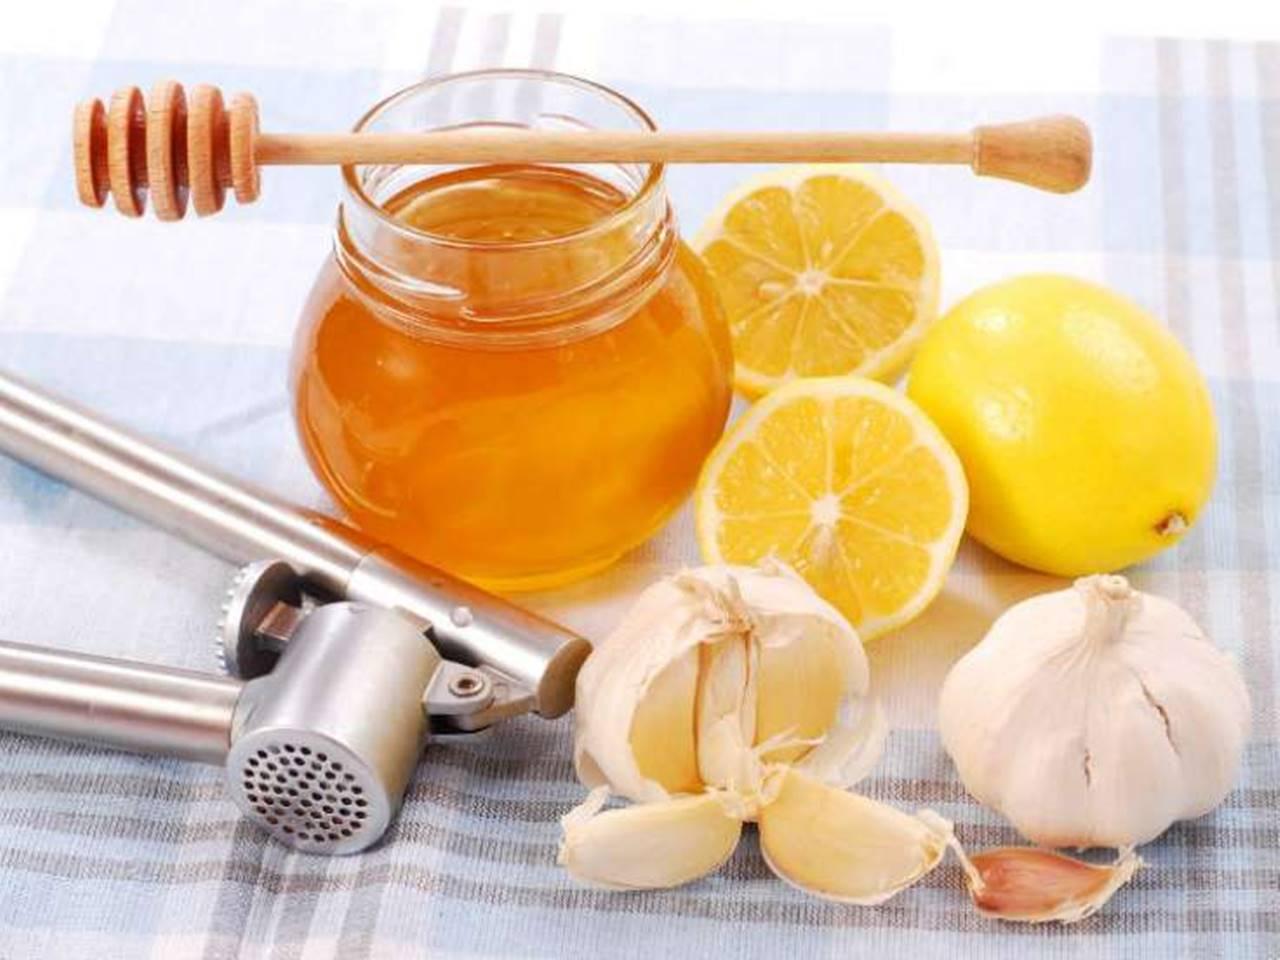 chá de mel e limão receita